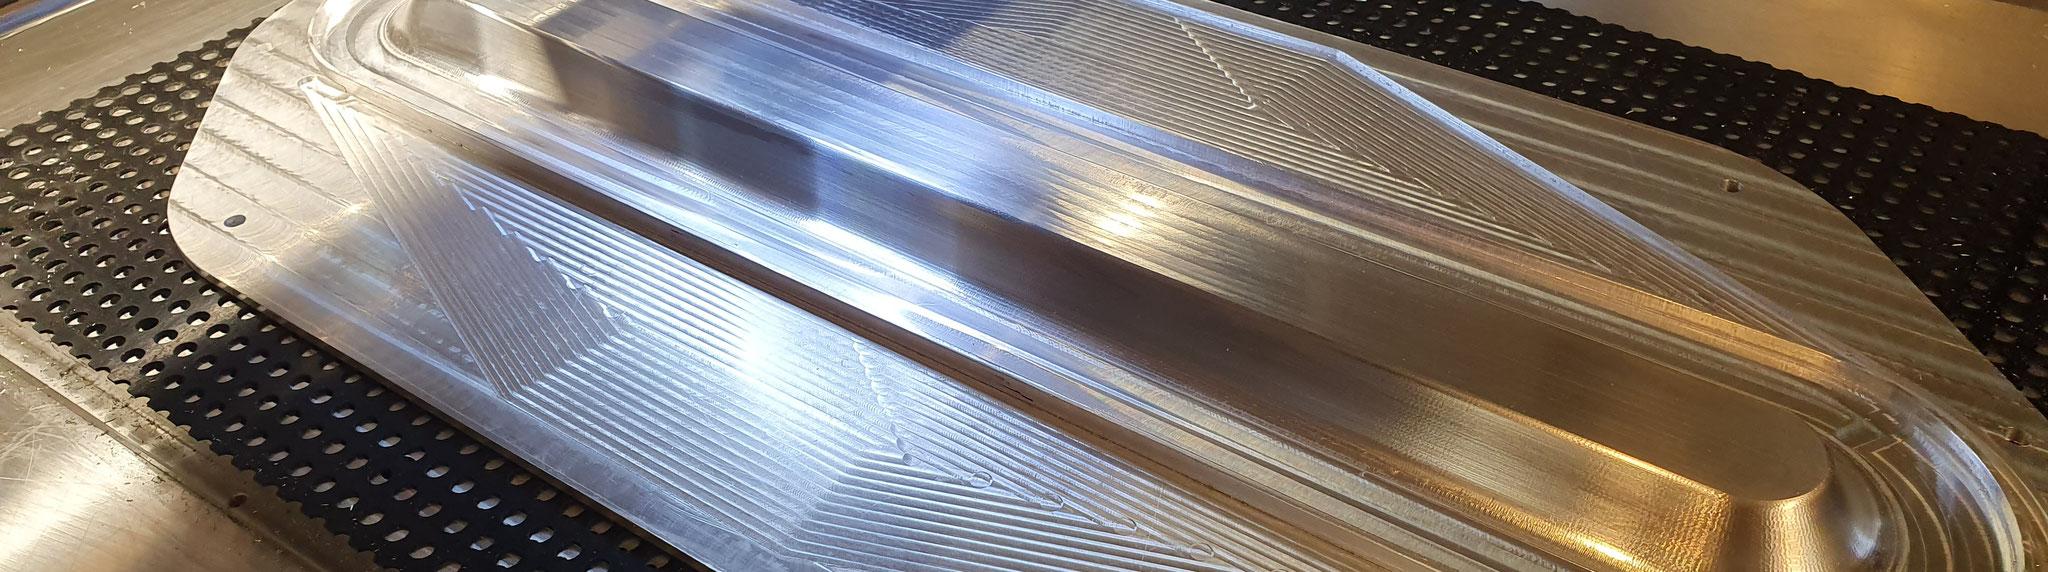 Tiefziehvorrichtung aus 7075 Aluminium mehrteilig montiert und im Zusammenbau fertig bearbeitet